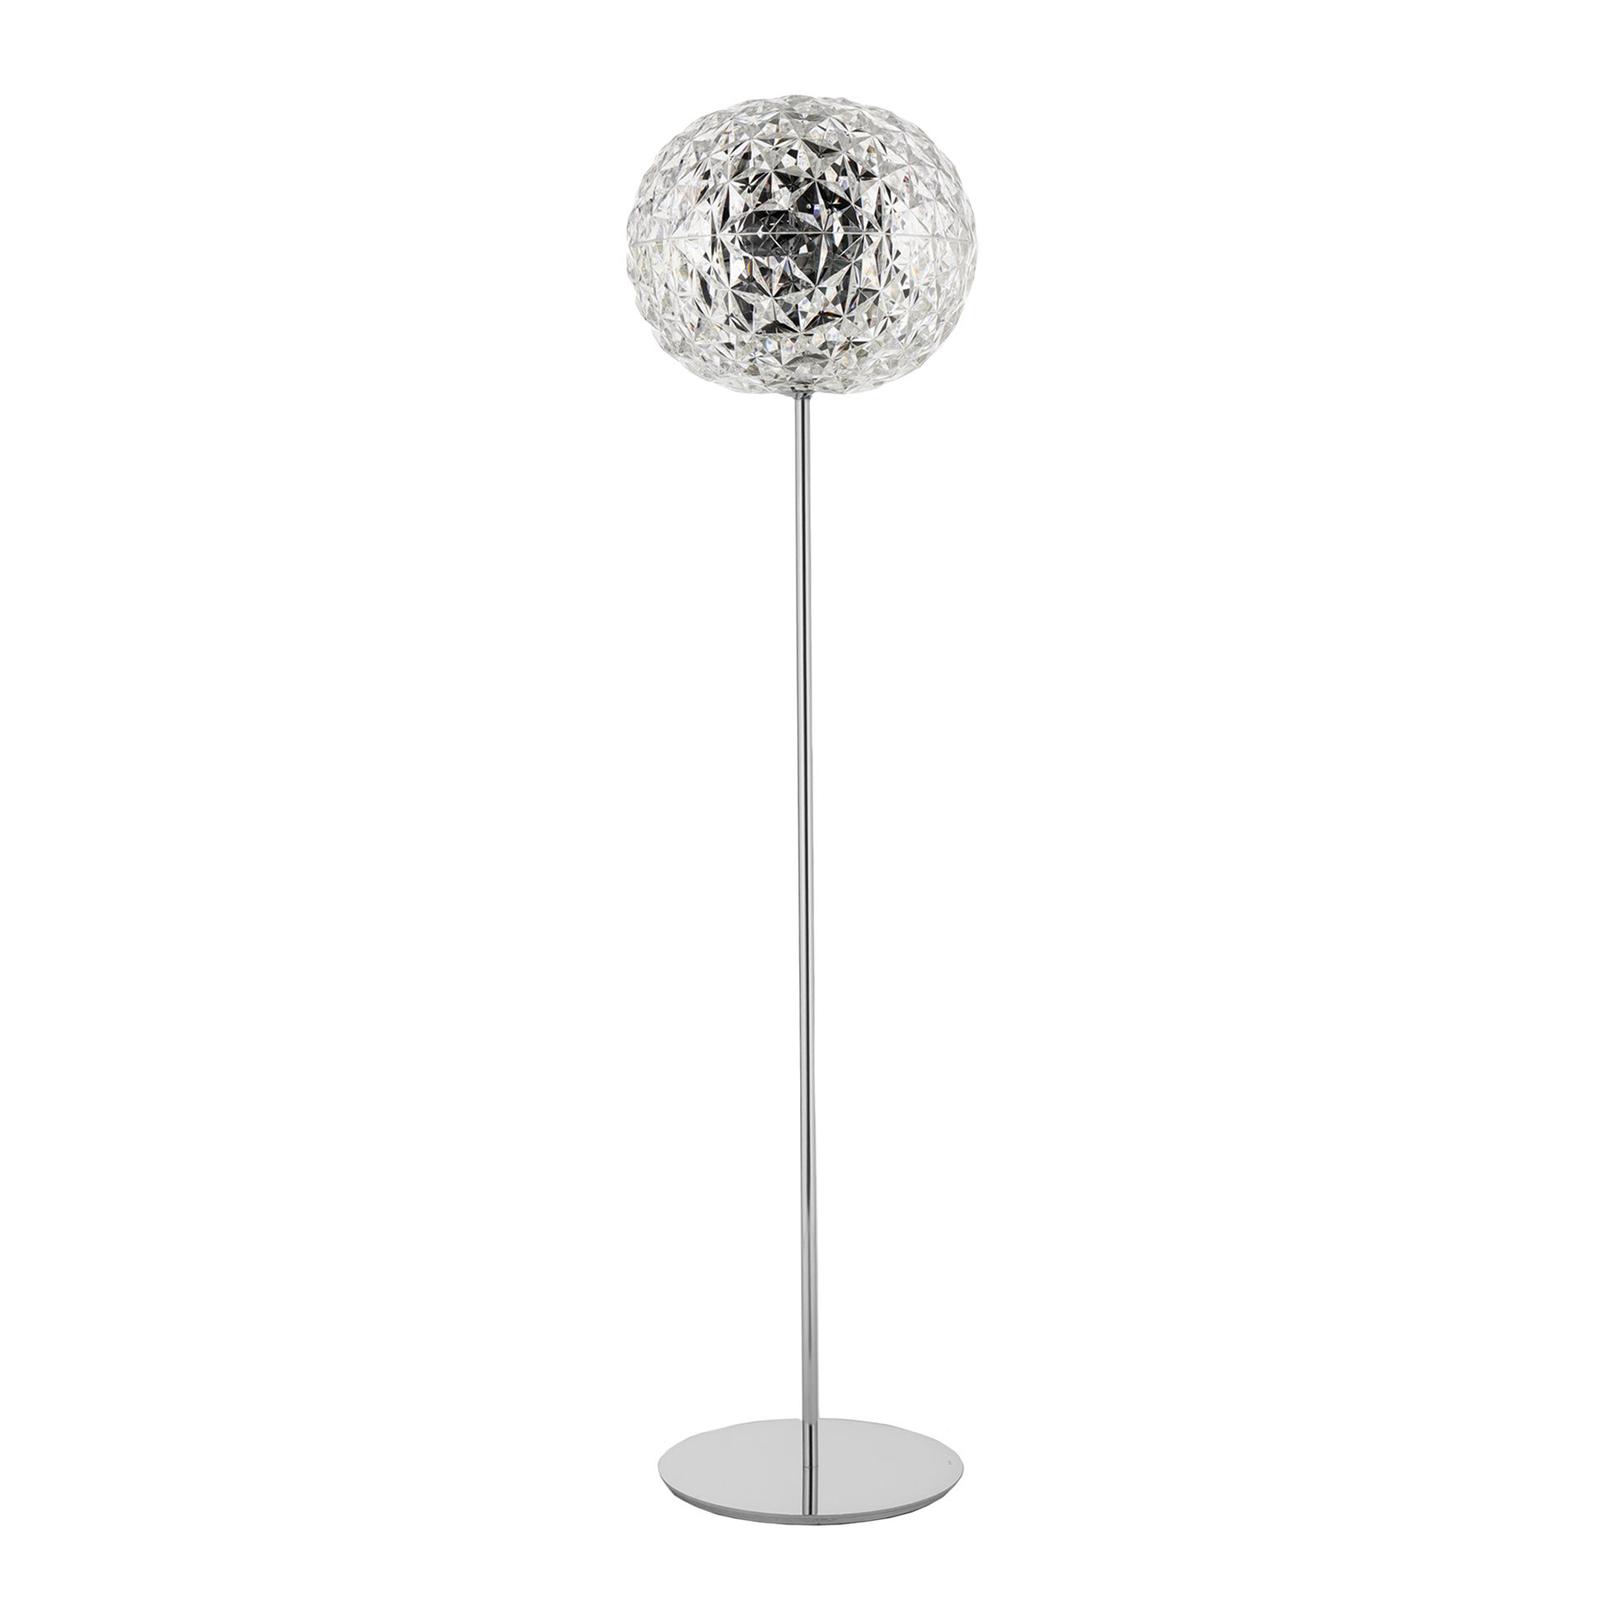 Kartell Planet LED-Stehleuchte 130cm kristallklar